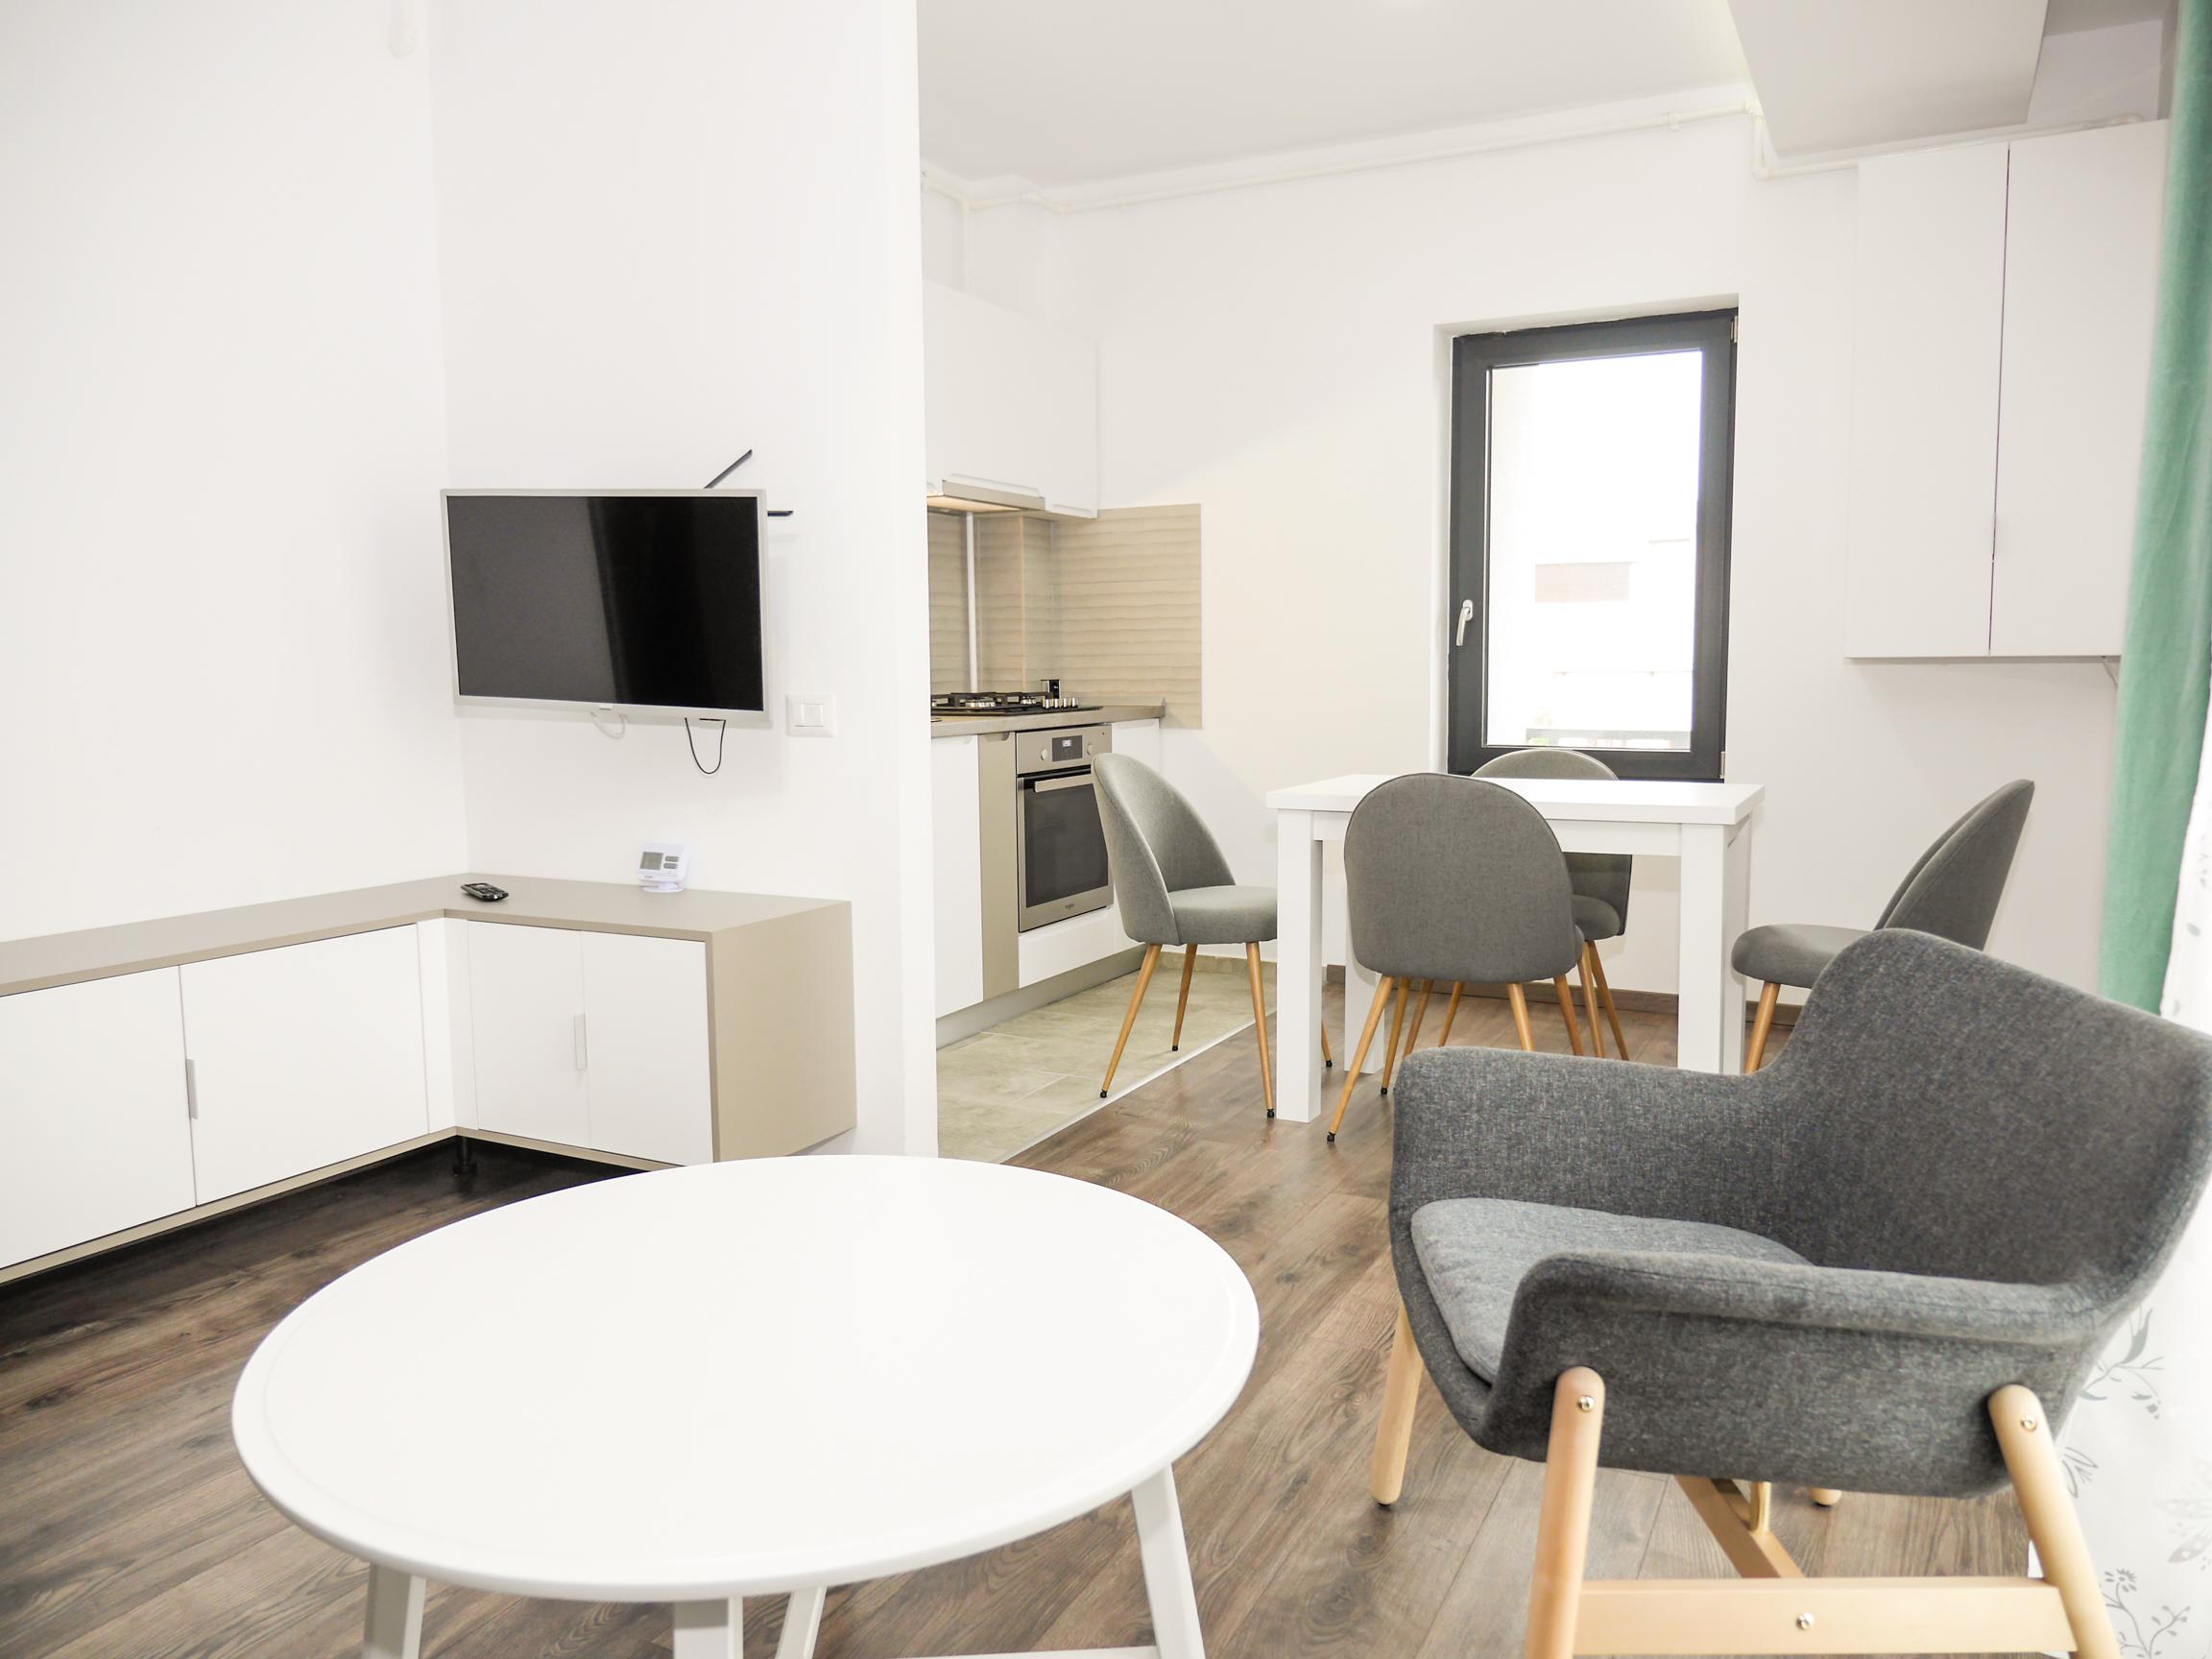 Clement Apartments - apartamente de inchiriat in regim hotelier - cazare neamt - cazare piatra neamt - apartament 9 (3)